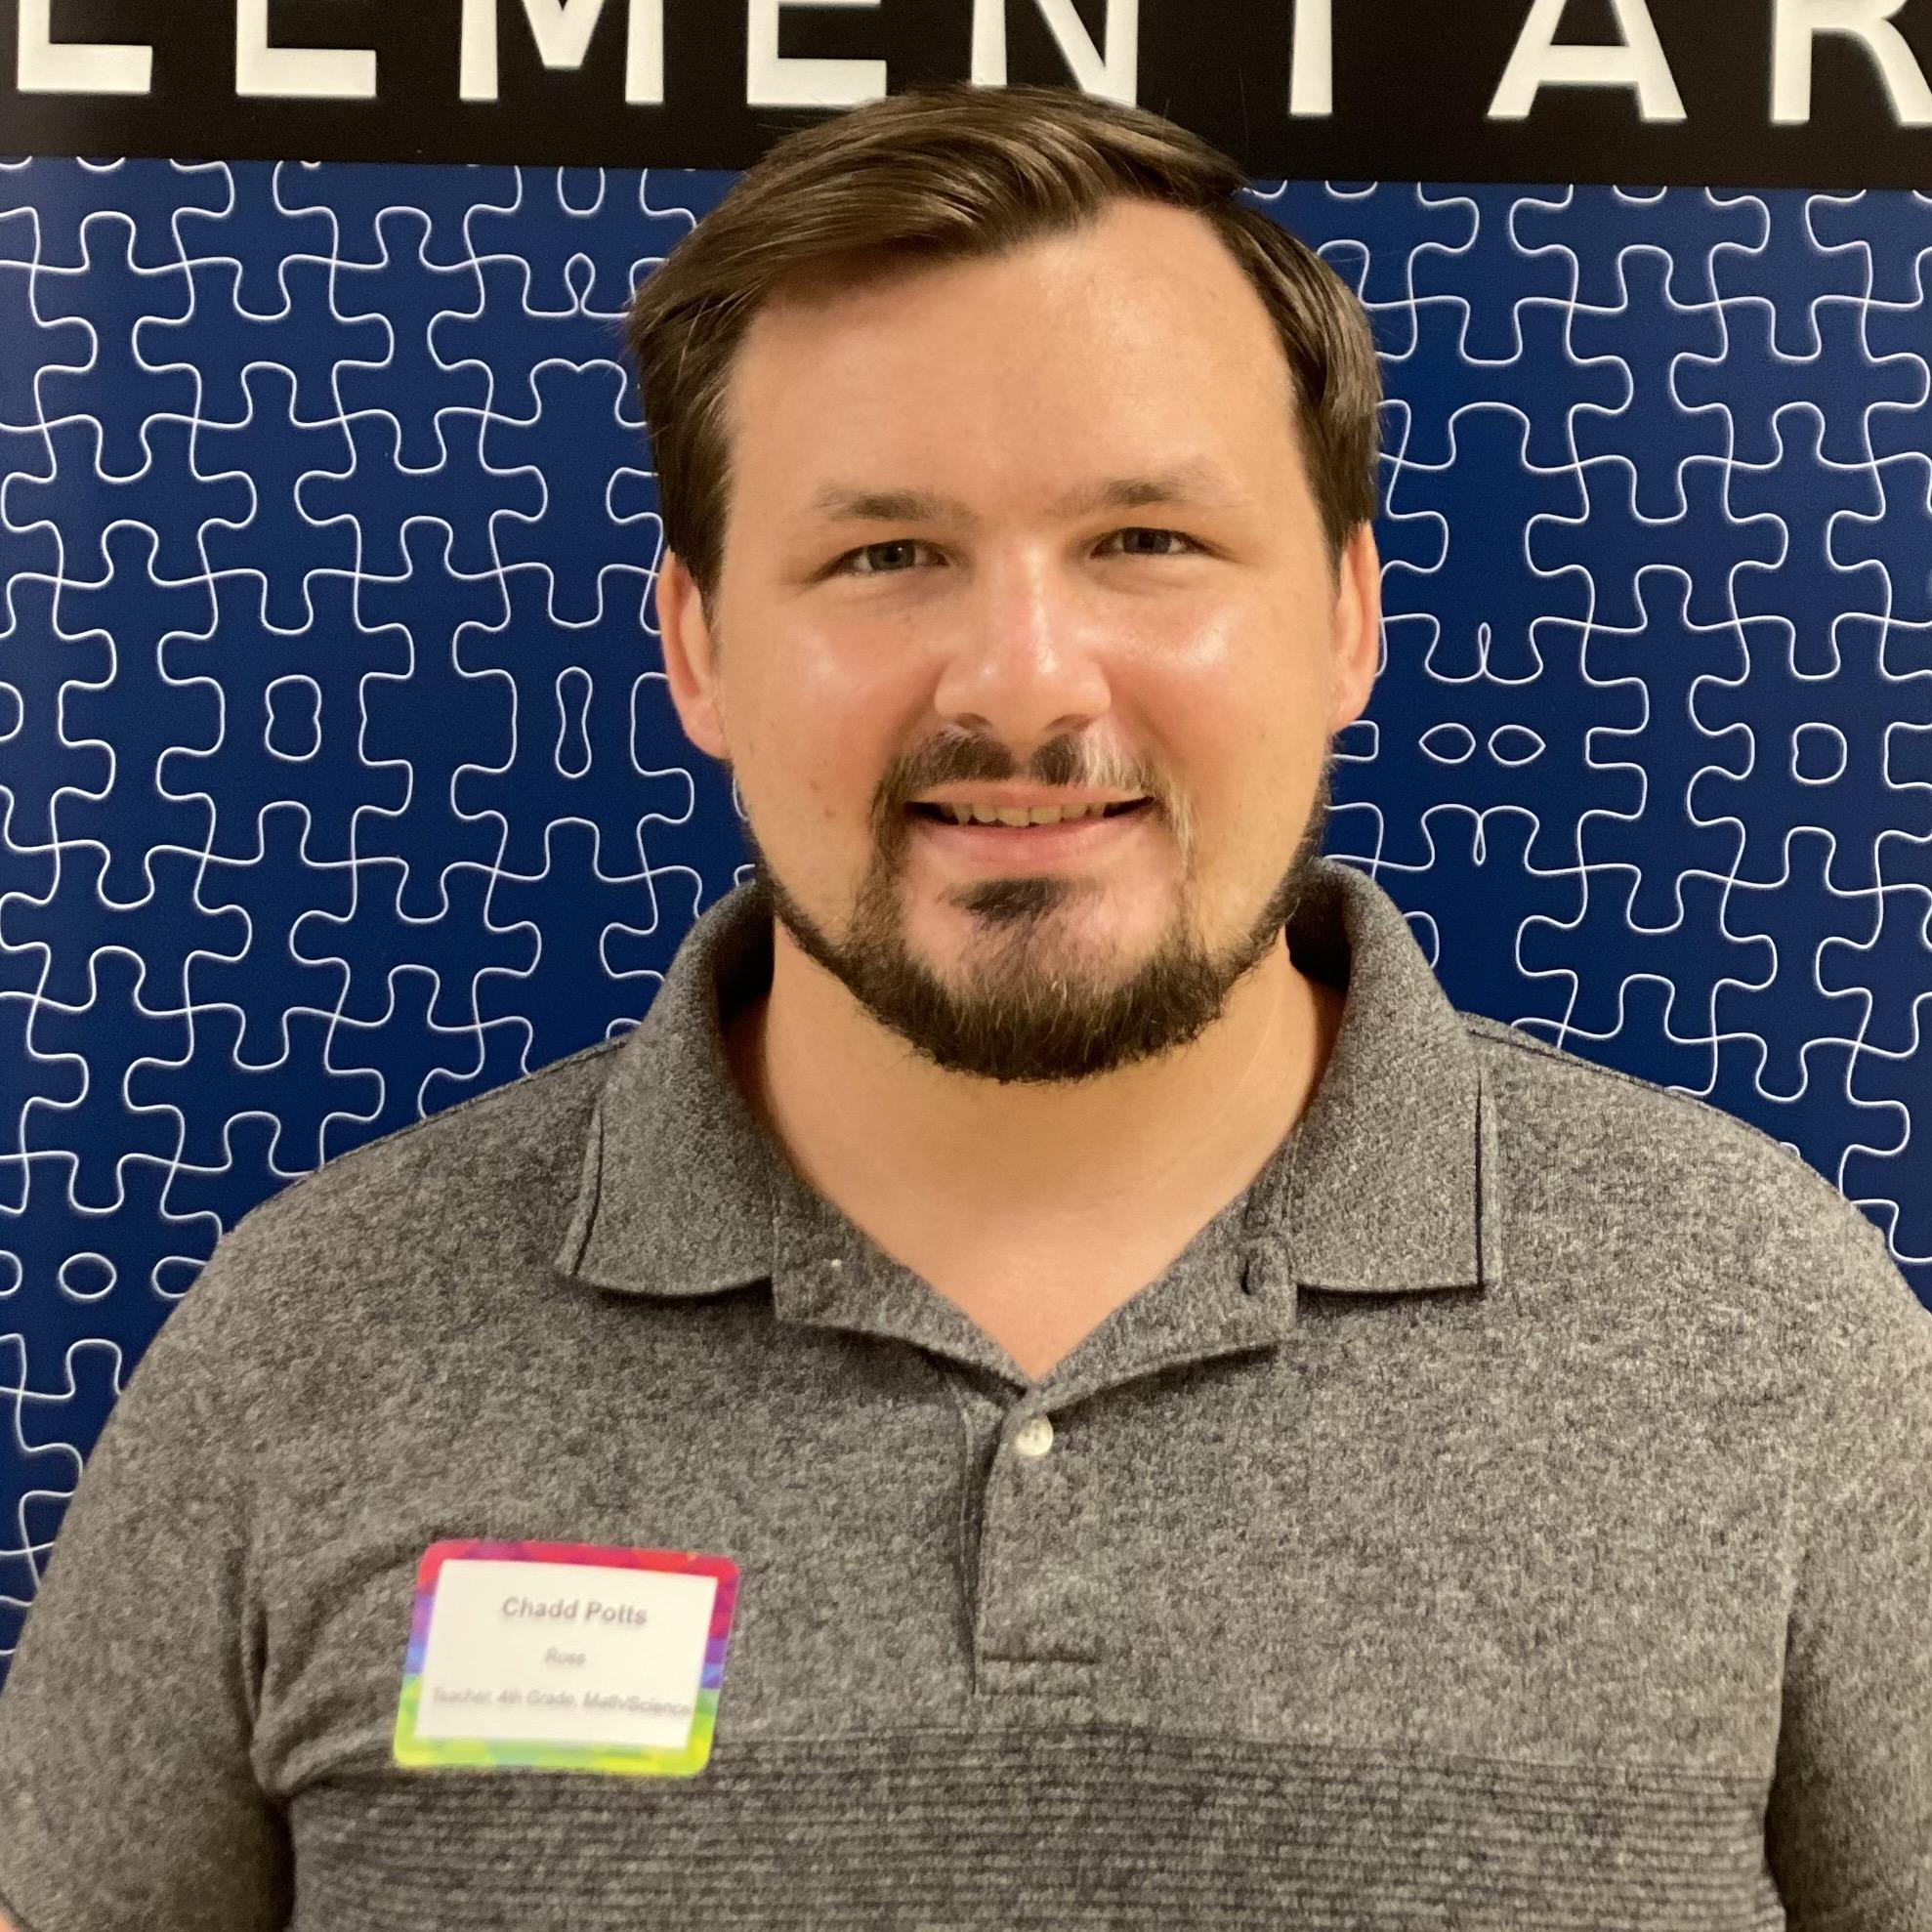 Chadd Potts's Profile Photo